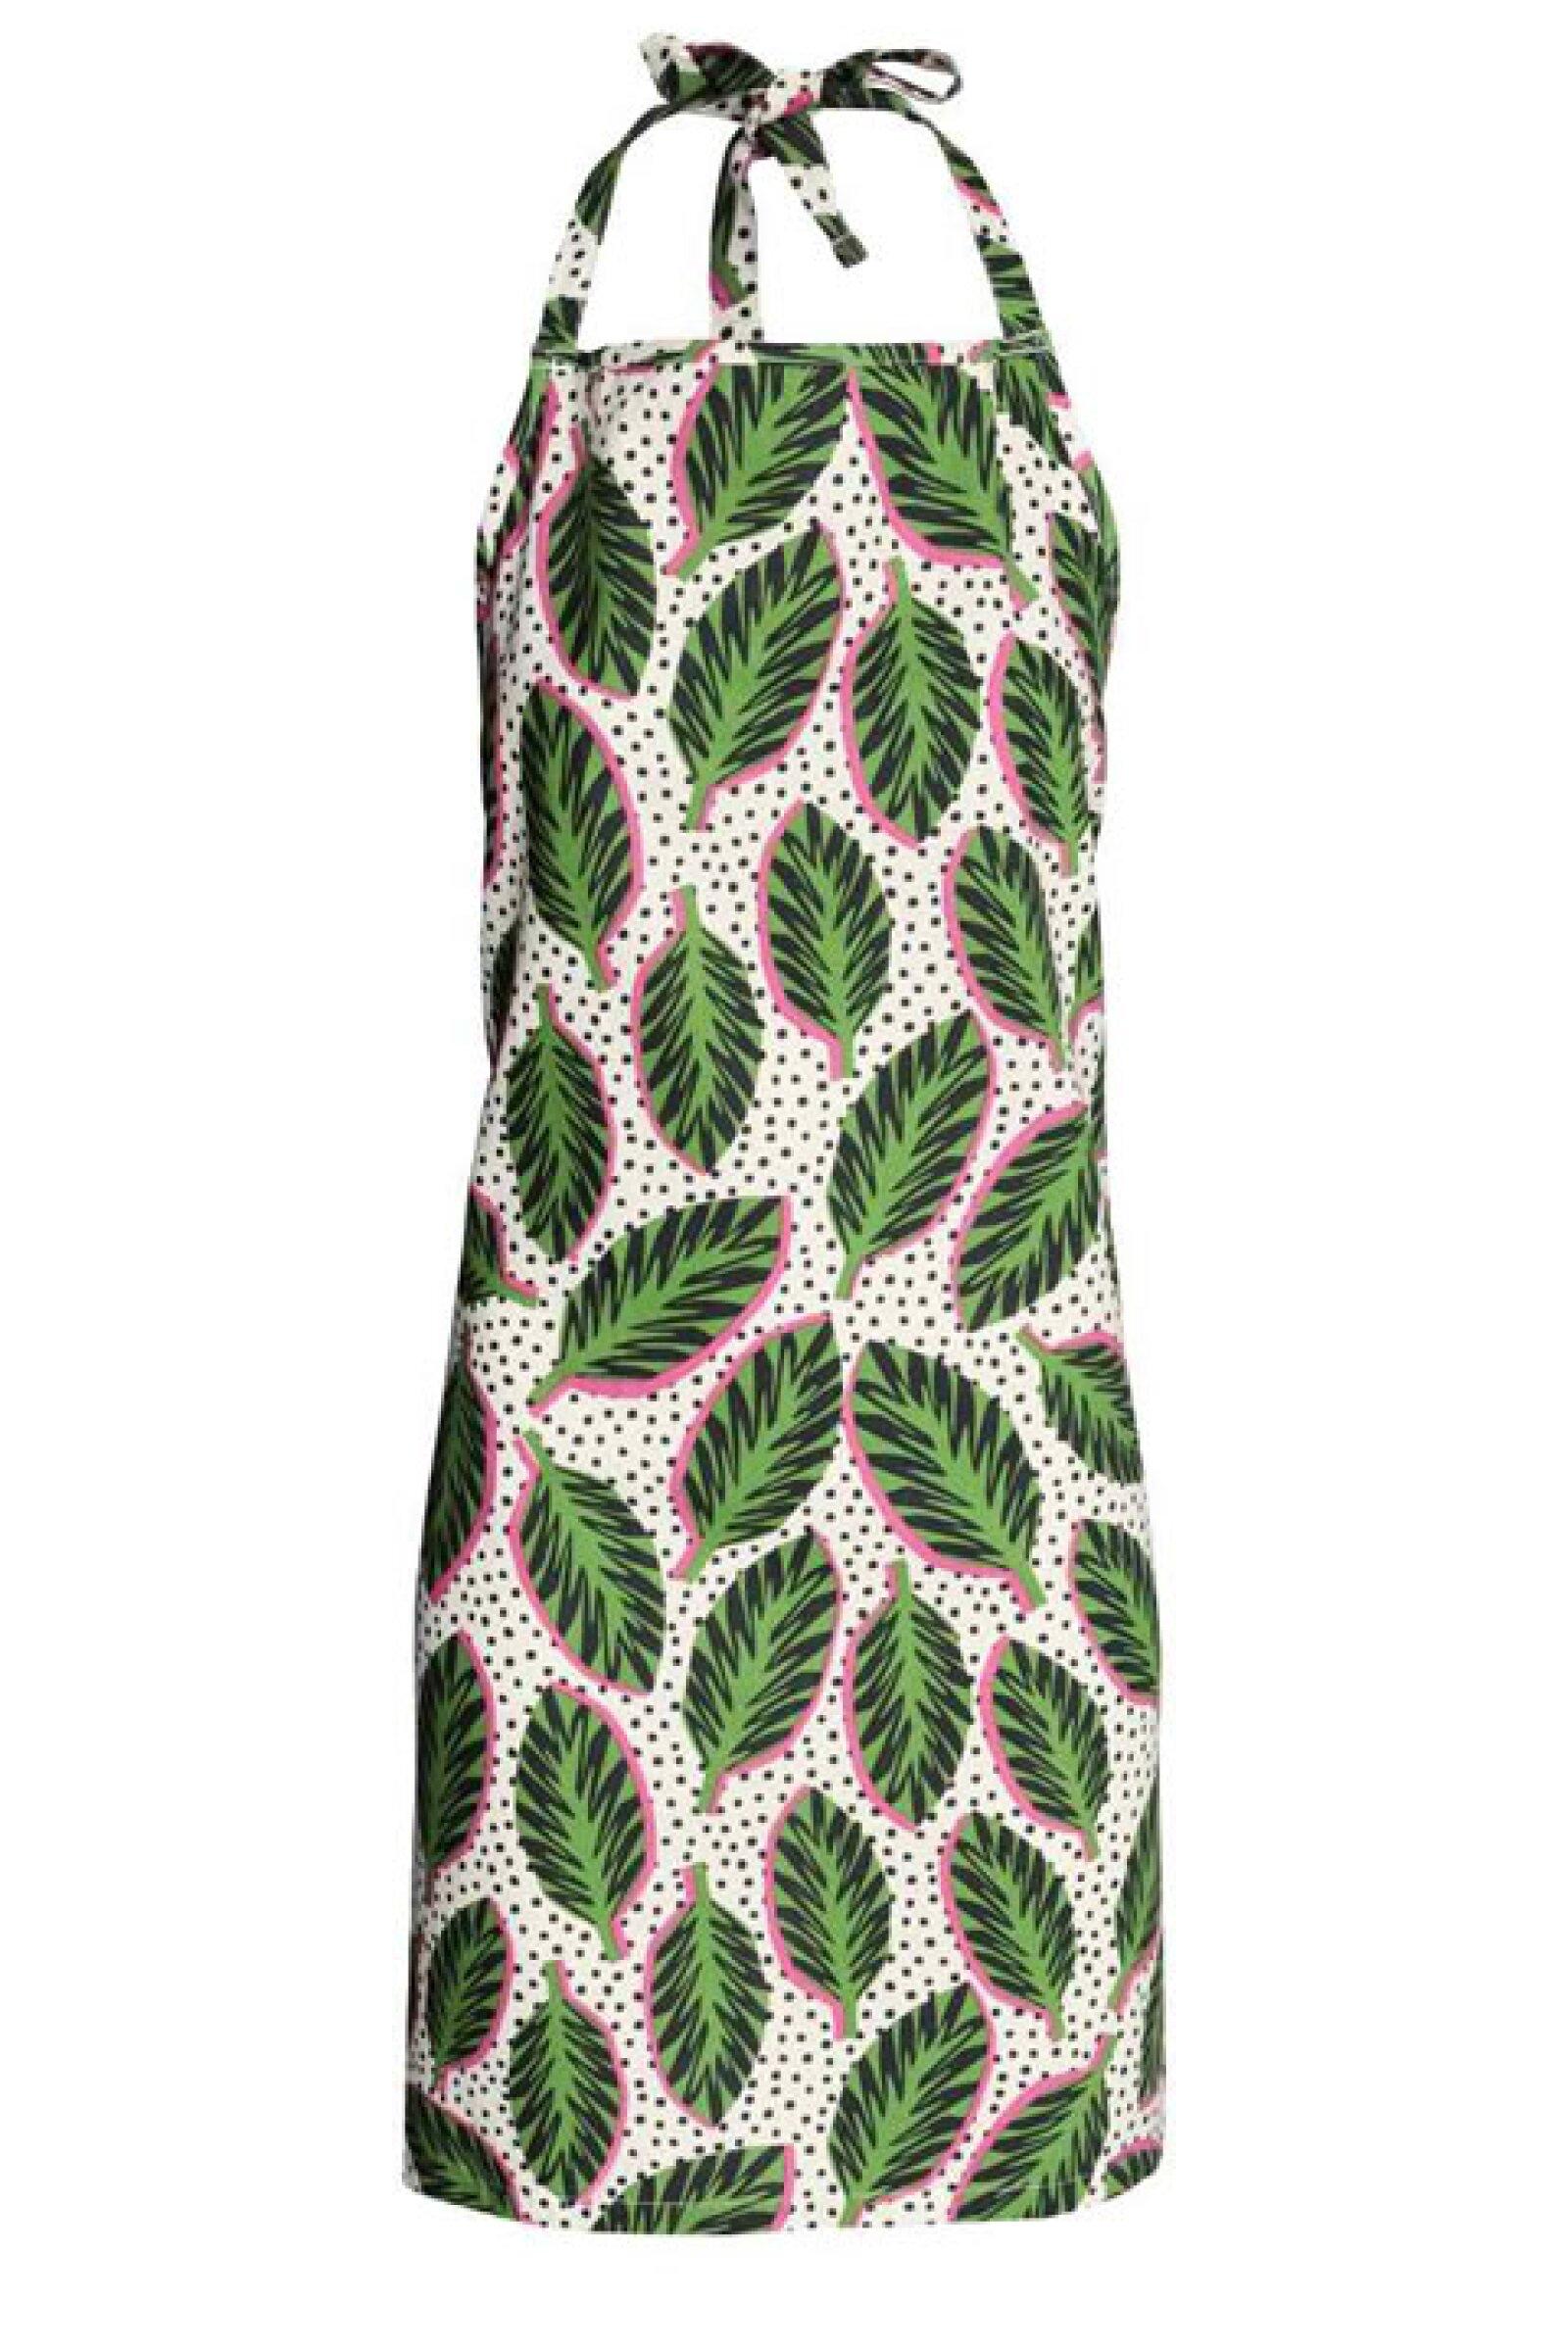 La sorprenderás con un delantal con estampado divertido. 187 pesos, precio aprox. en H&M Santa Fe.